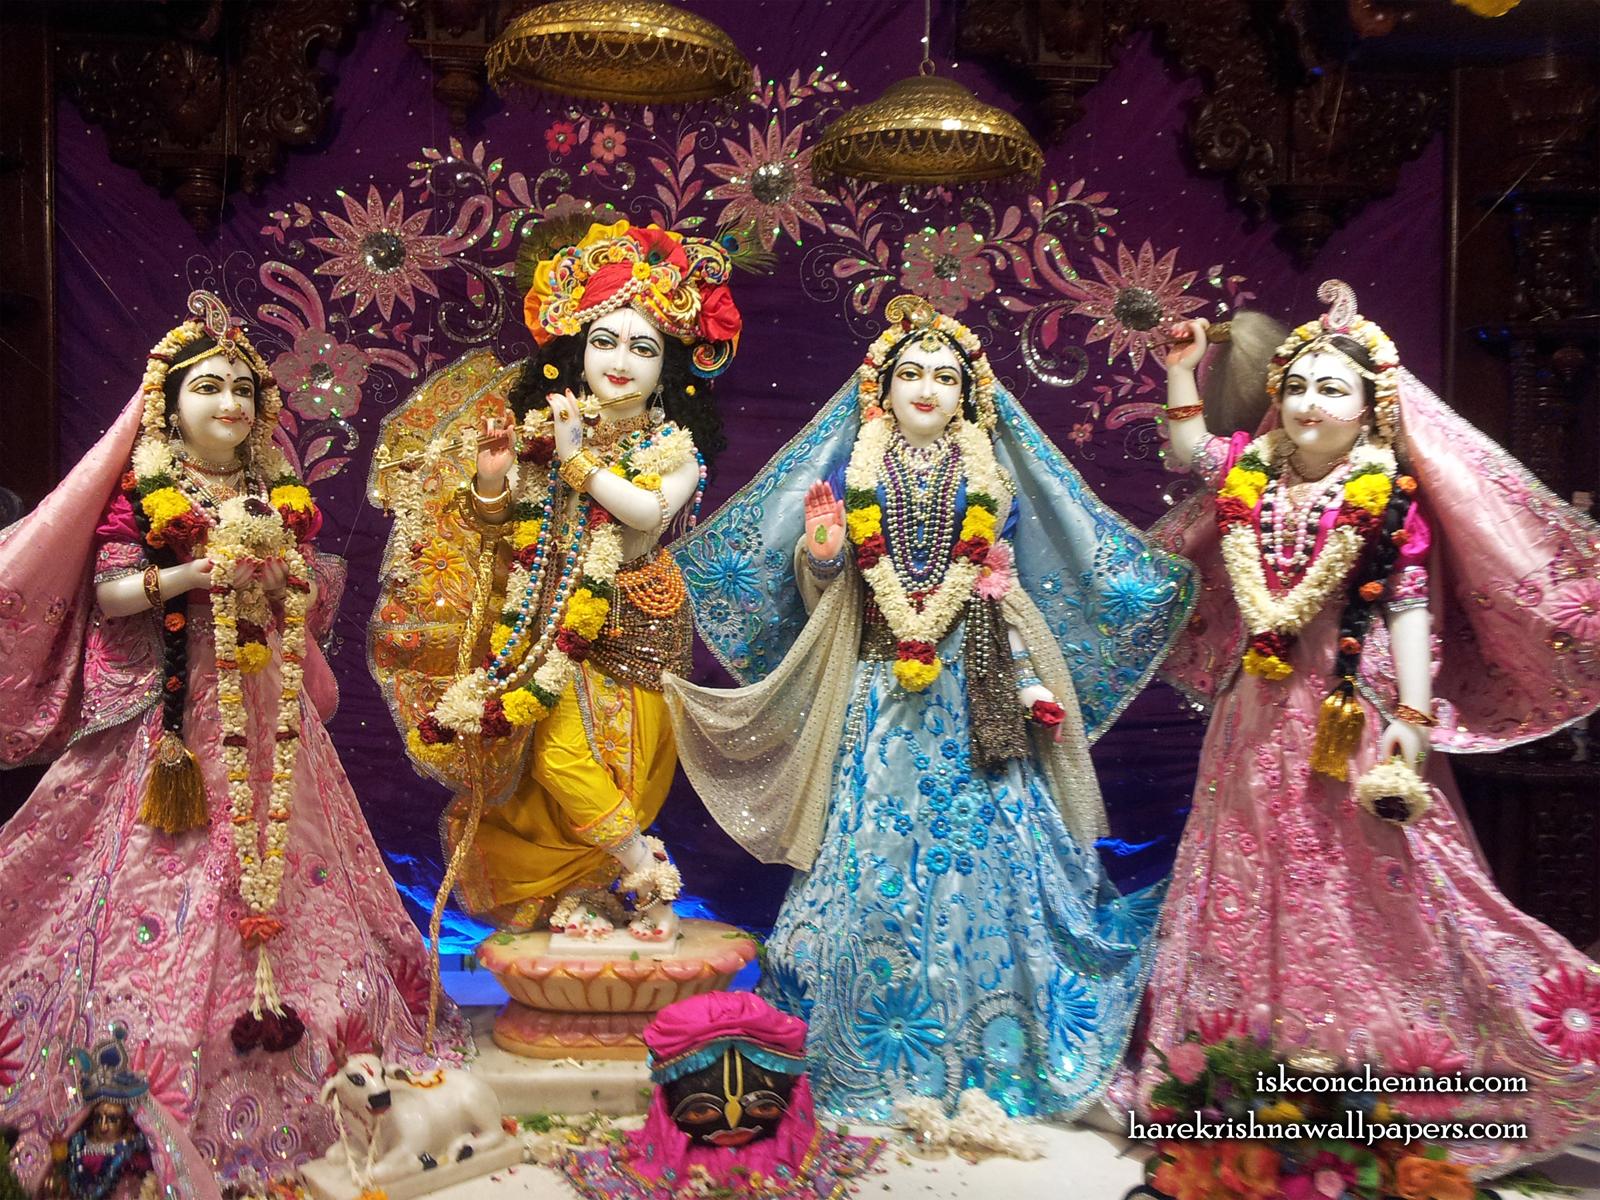 Sri Sri Radha Krishna Lalita Vishakha Wallpaper (002) Size1600x1200 Download